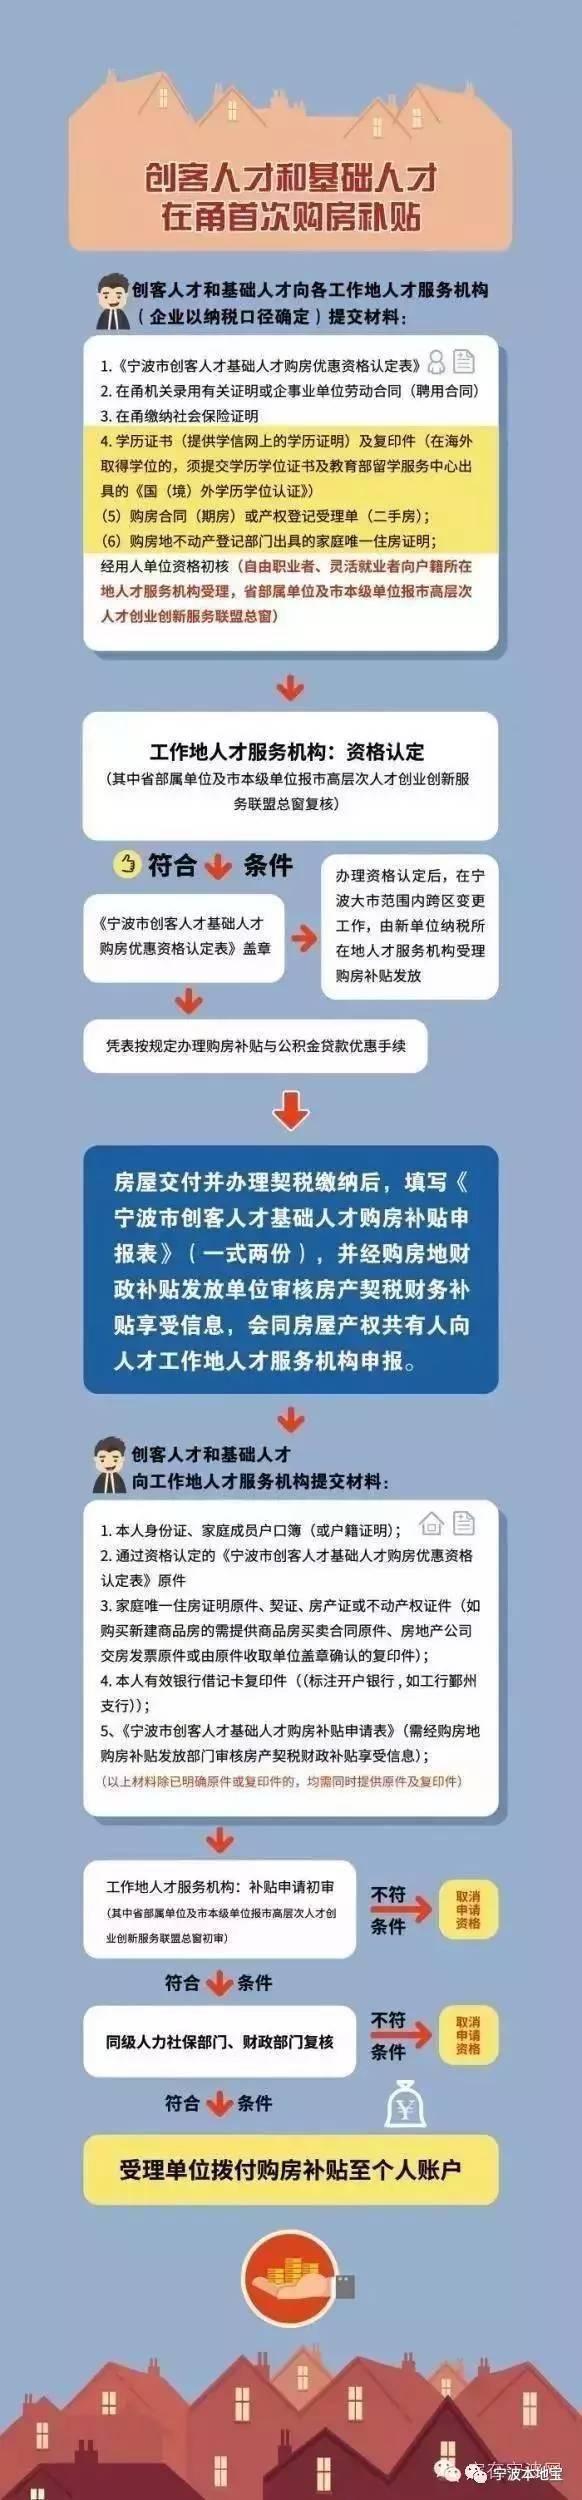 宁波购房补贴申请流程